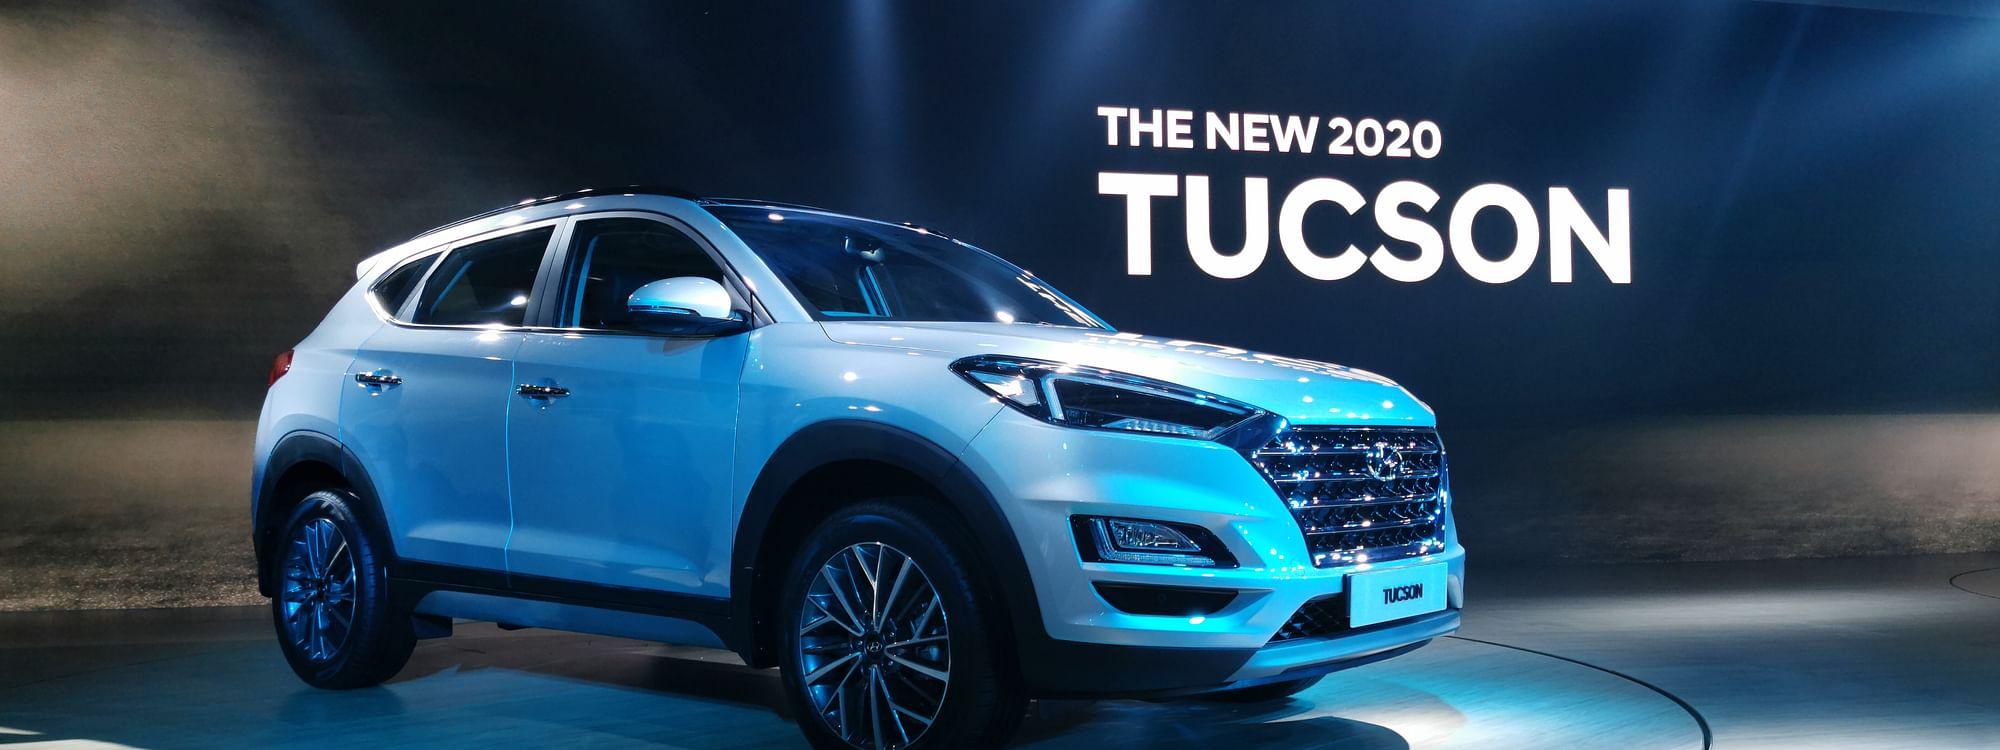 auto expo 2020: hyundai unveils new tucson, showcases i30n